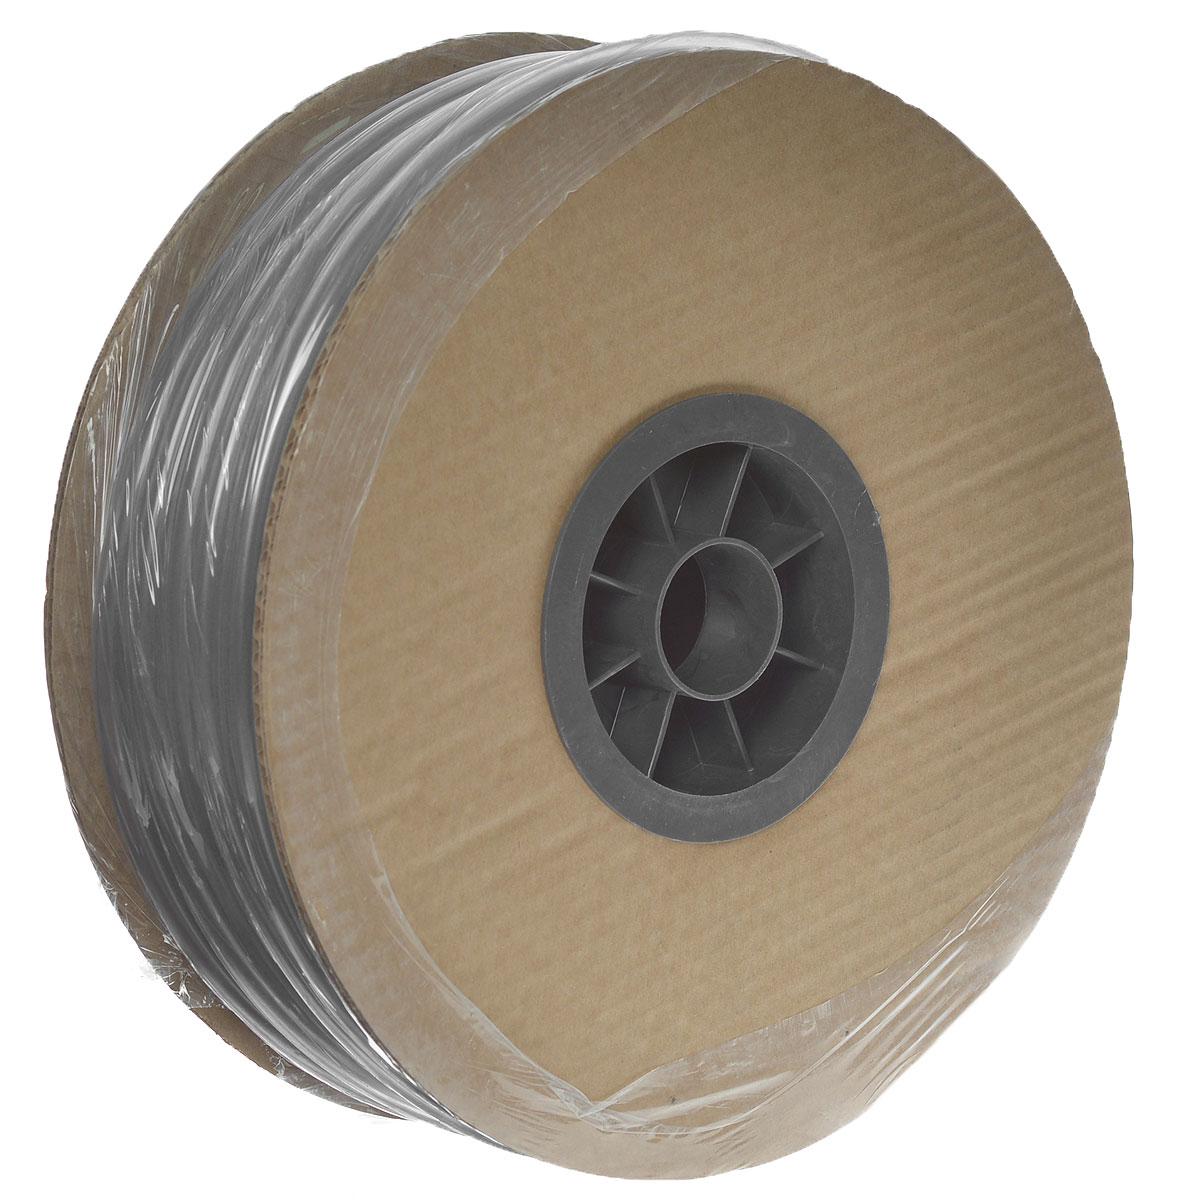 Шланг Кристалл однослойный неармированный 10X14 M.40 (641)9663187Однослойный неармированный шланг пищевого качества Fitt Cristallo Extra изготовлен из прозрачного ПВХ. Шланг предназначен для транспортировки жидкостей без напора в диапазоне температур от -20°С до +60°С. Можно применять для питьевой воды. Для использования без давления. Внешний диаметр шланга: 14 мм. Внутренний диаметр шланга: 10 мм.